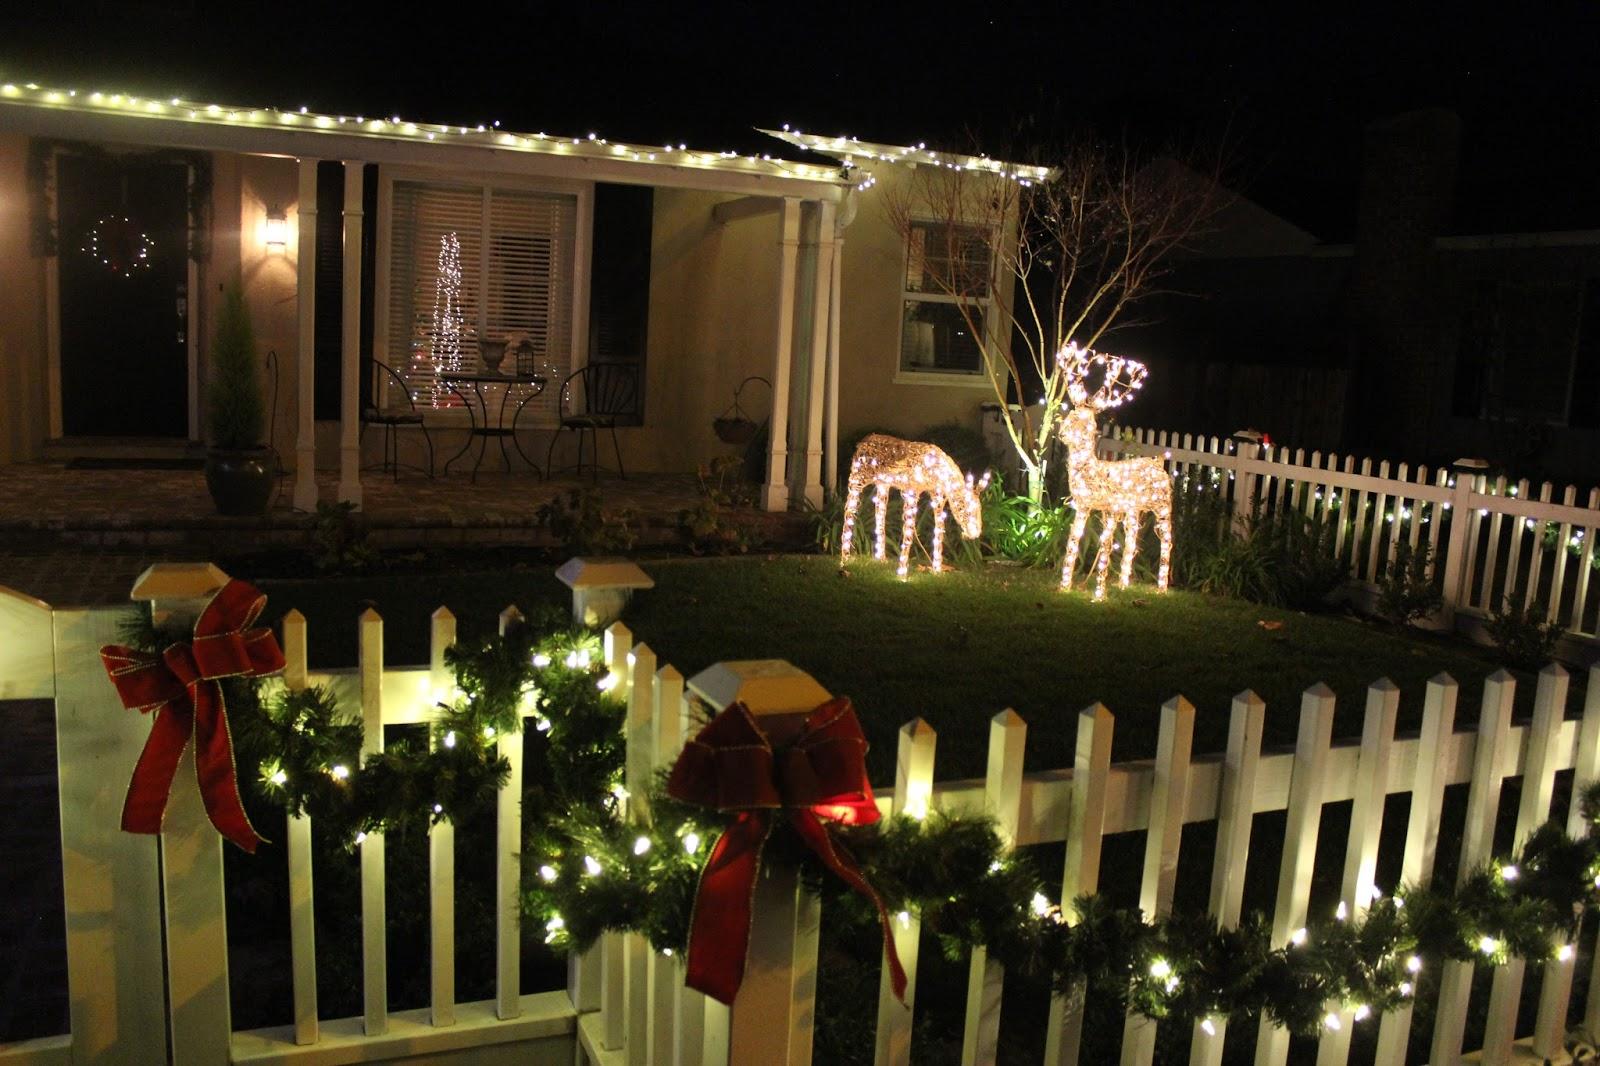 #B1211A Les Tribulations D'une Famille Française En Californie  5329 décorations de noel aux etats unis 1600x1066 px @ aertt.com